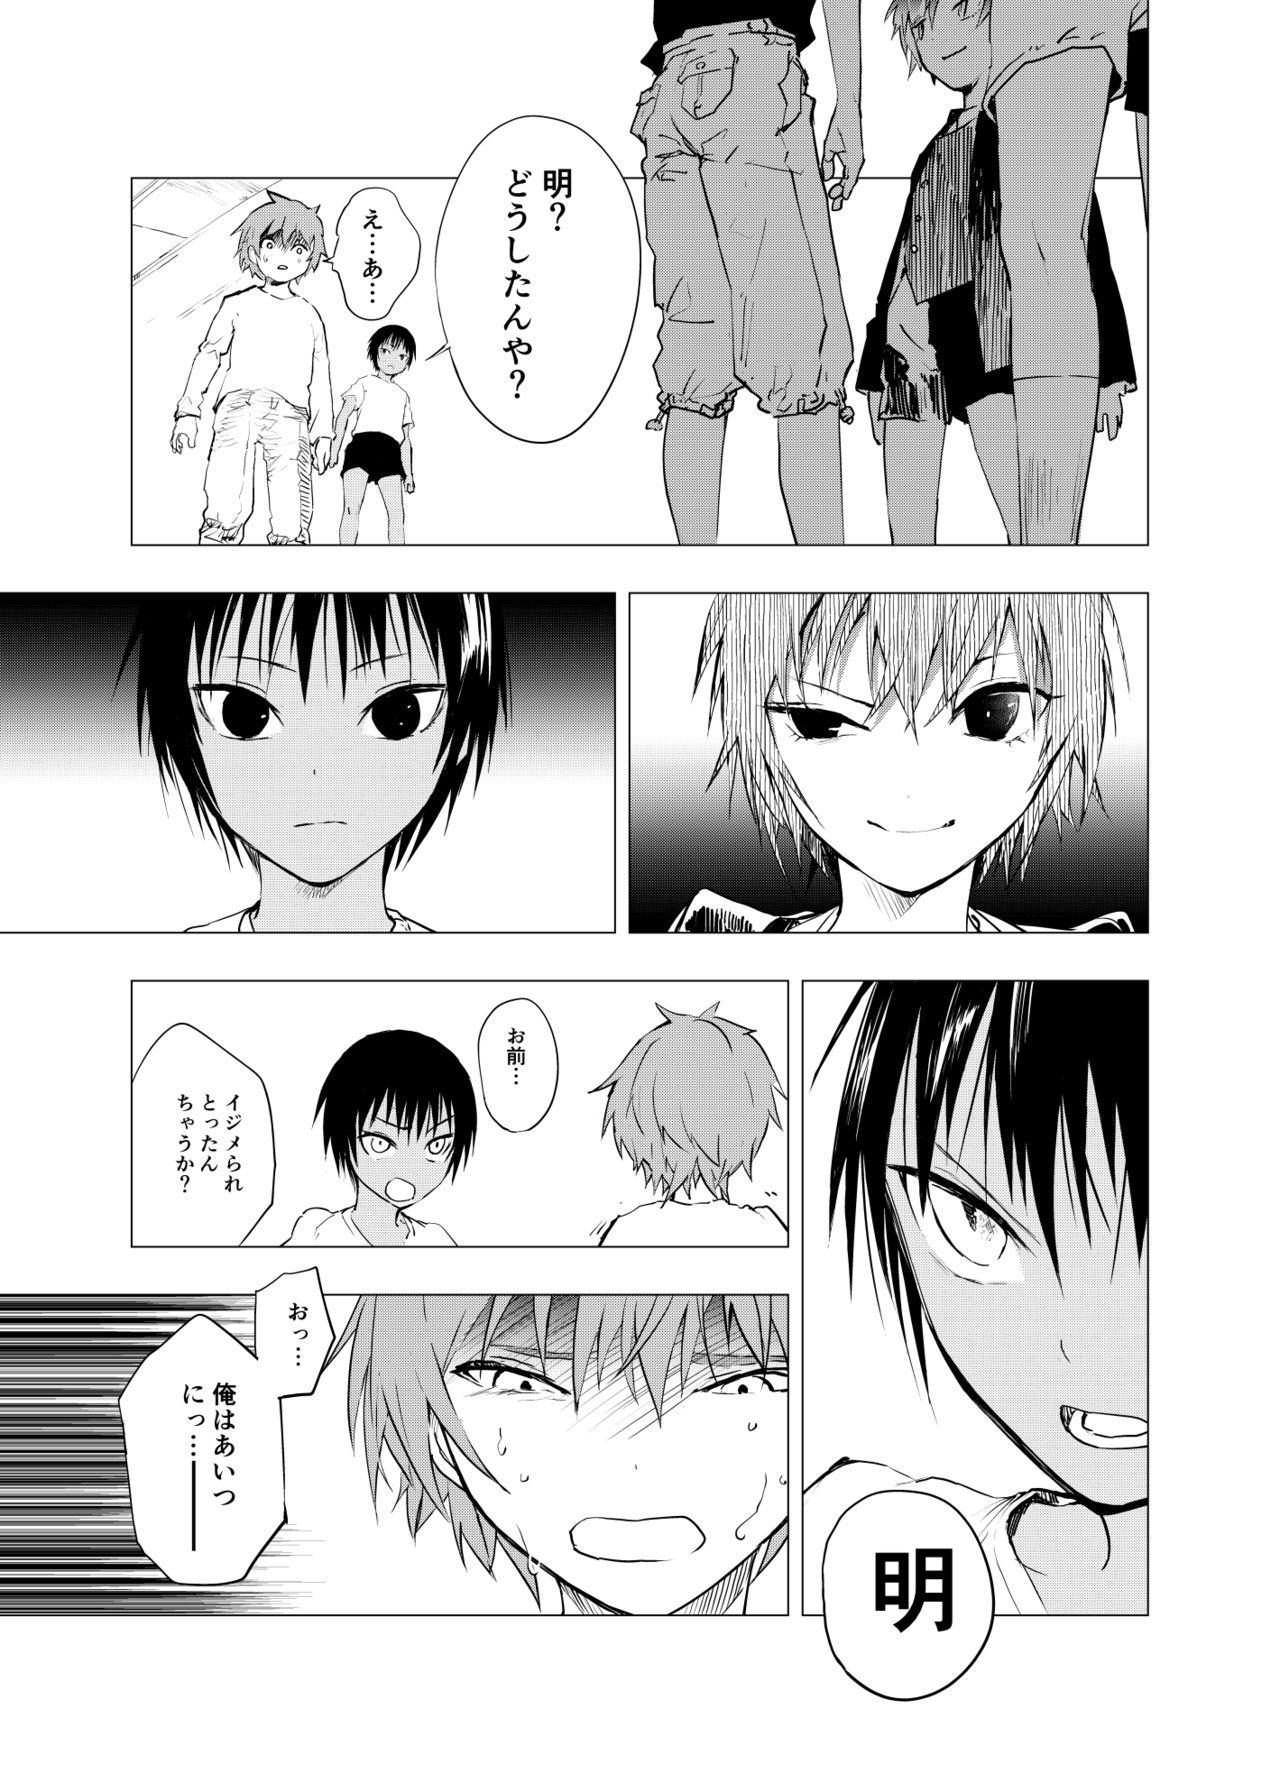 Inaka no Uke Shounen to Tokai no Seme Shounen no Ero Manga 1-6 85